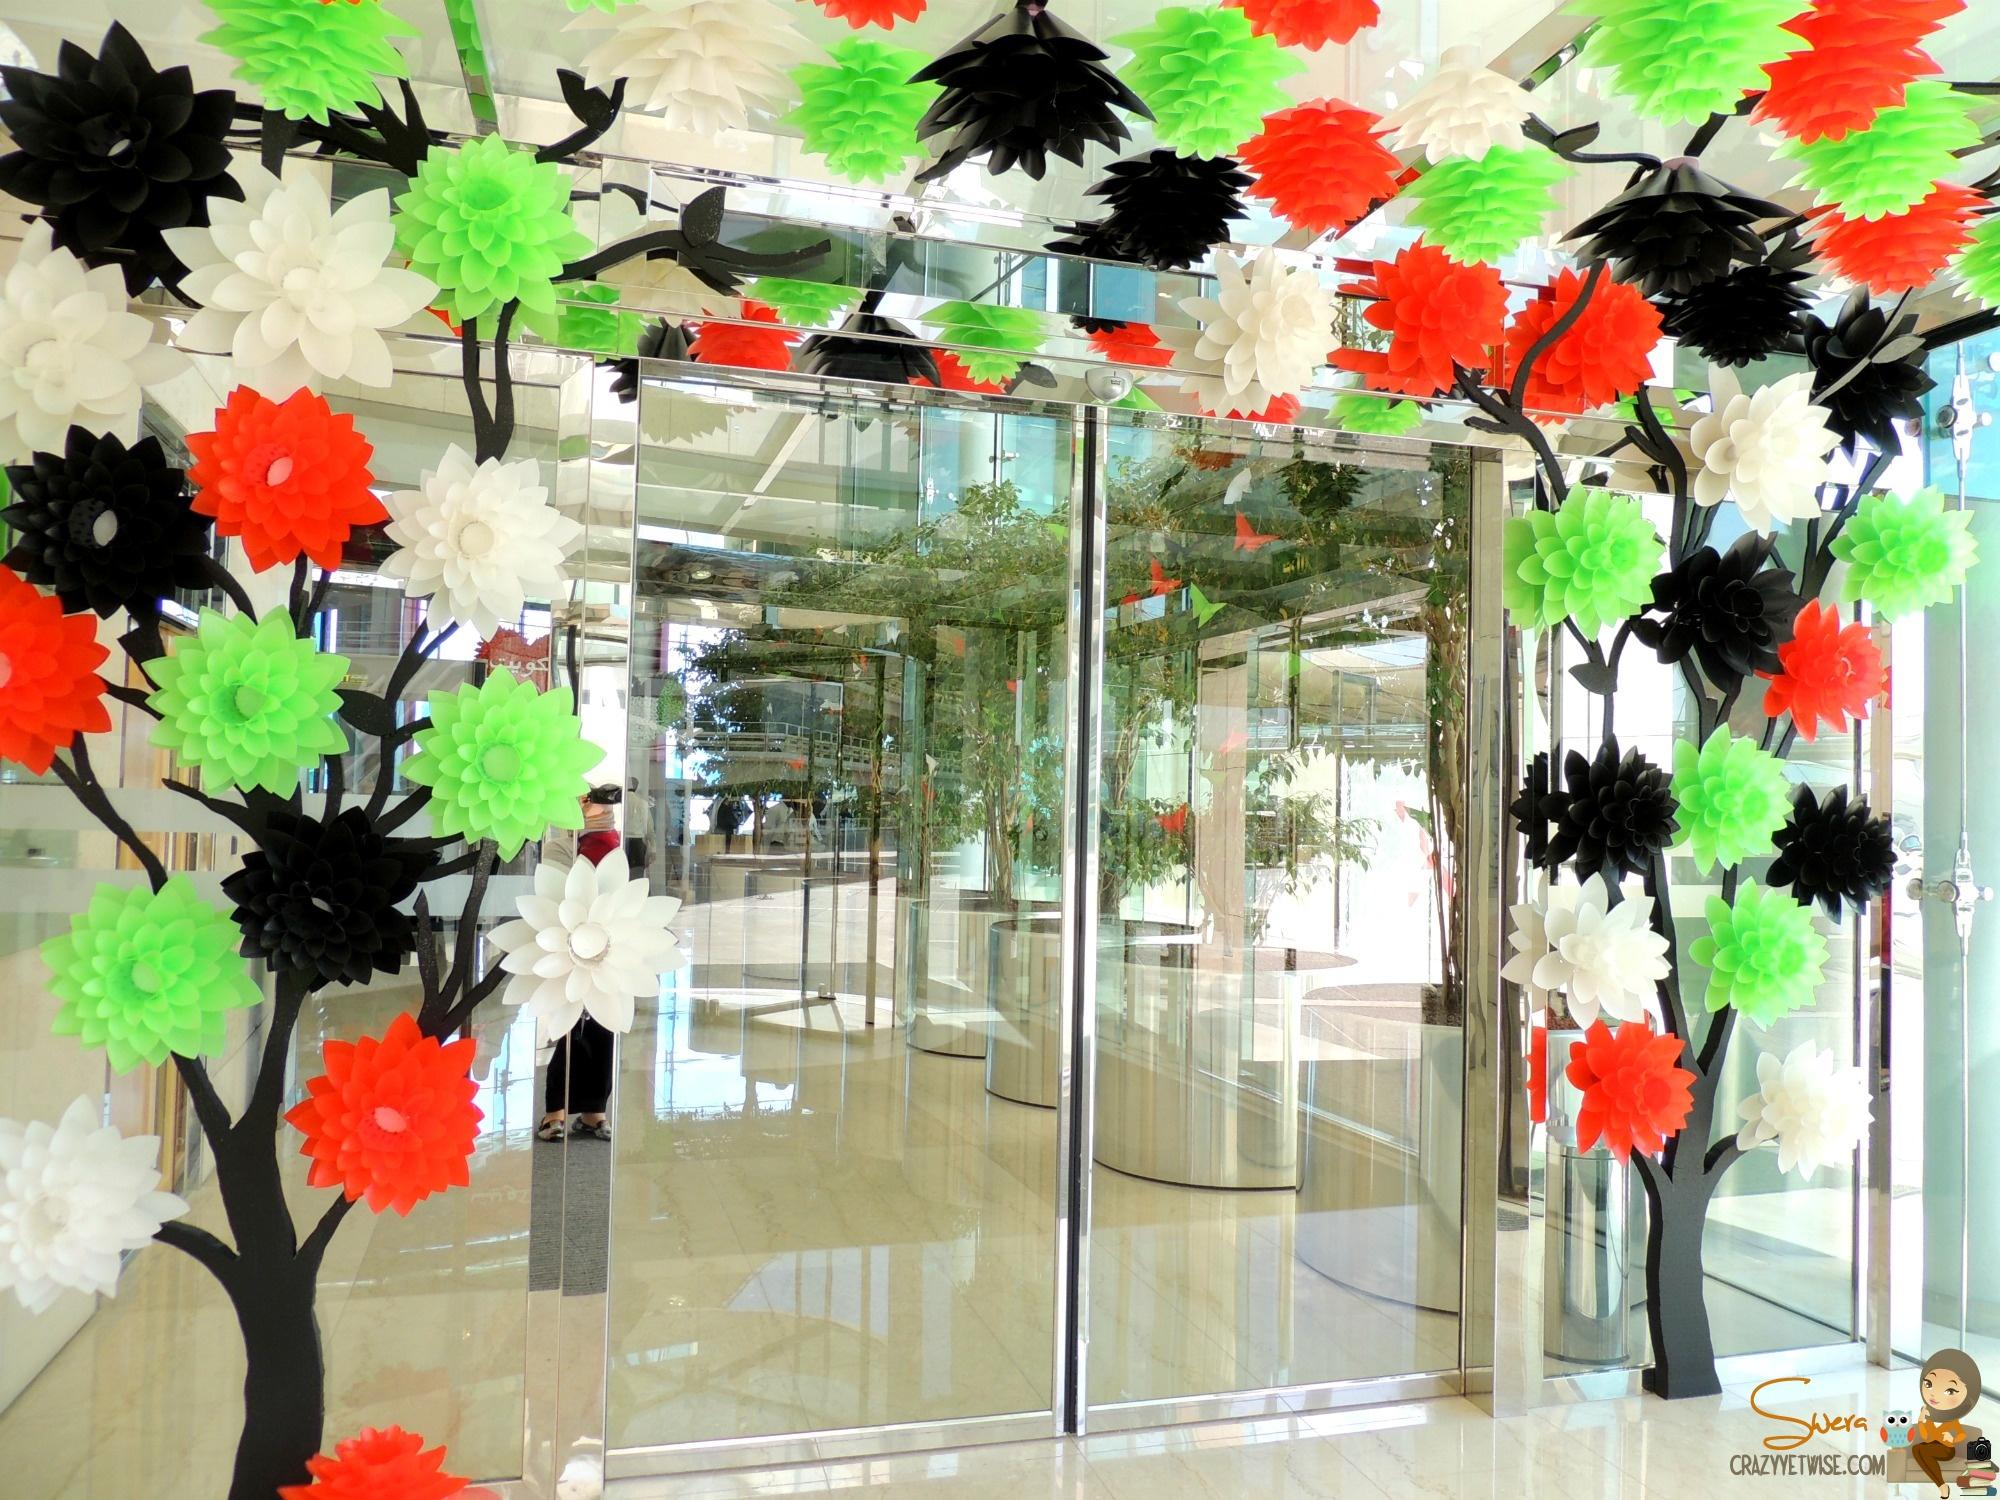 Uae national day celebration ideas for International decor uae